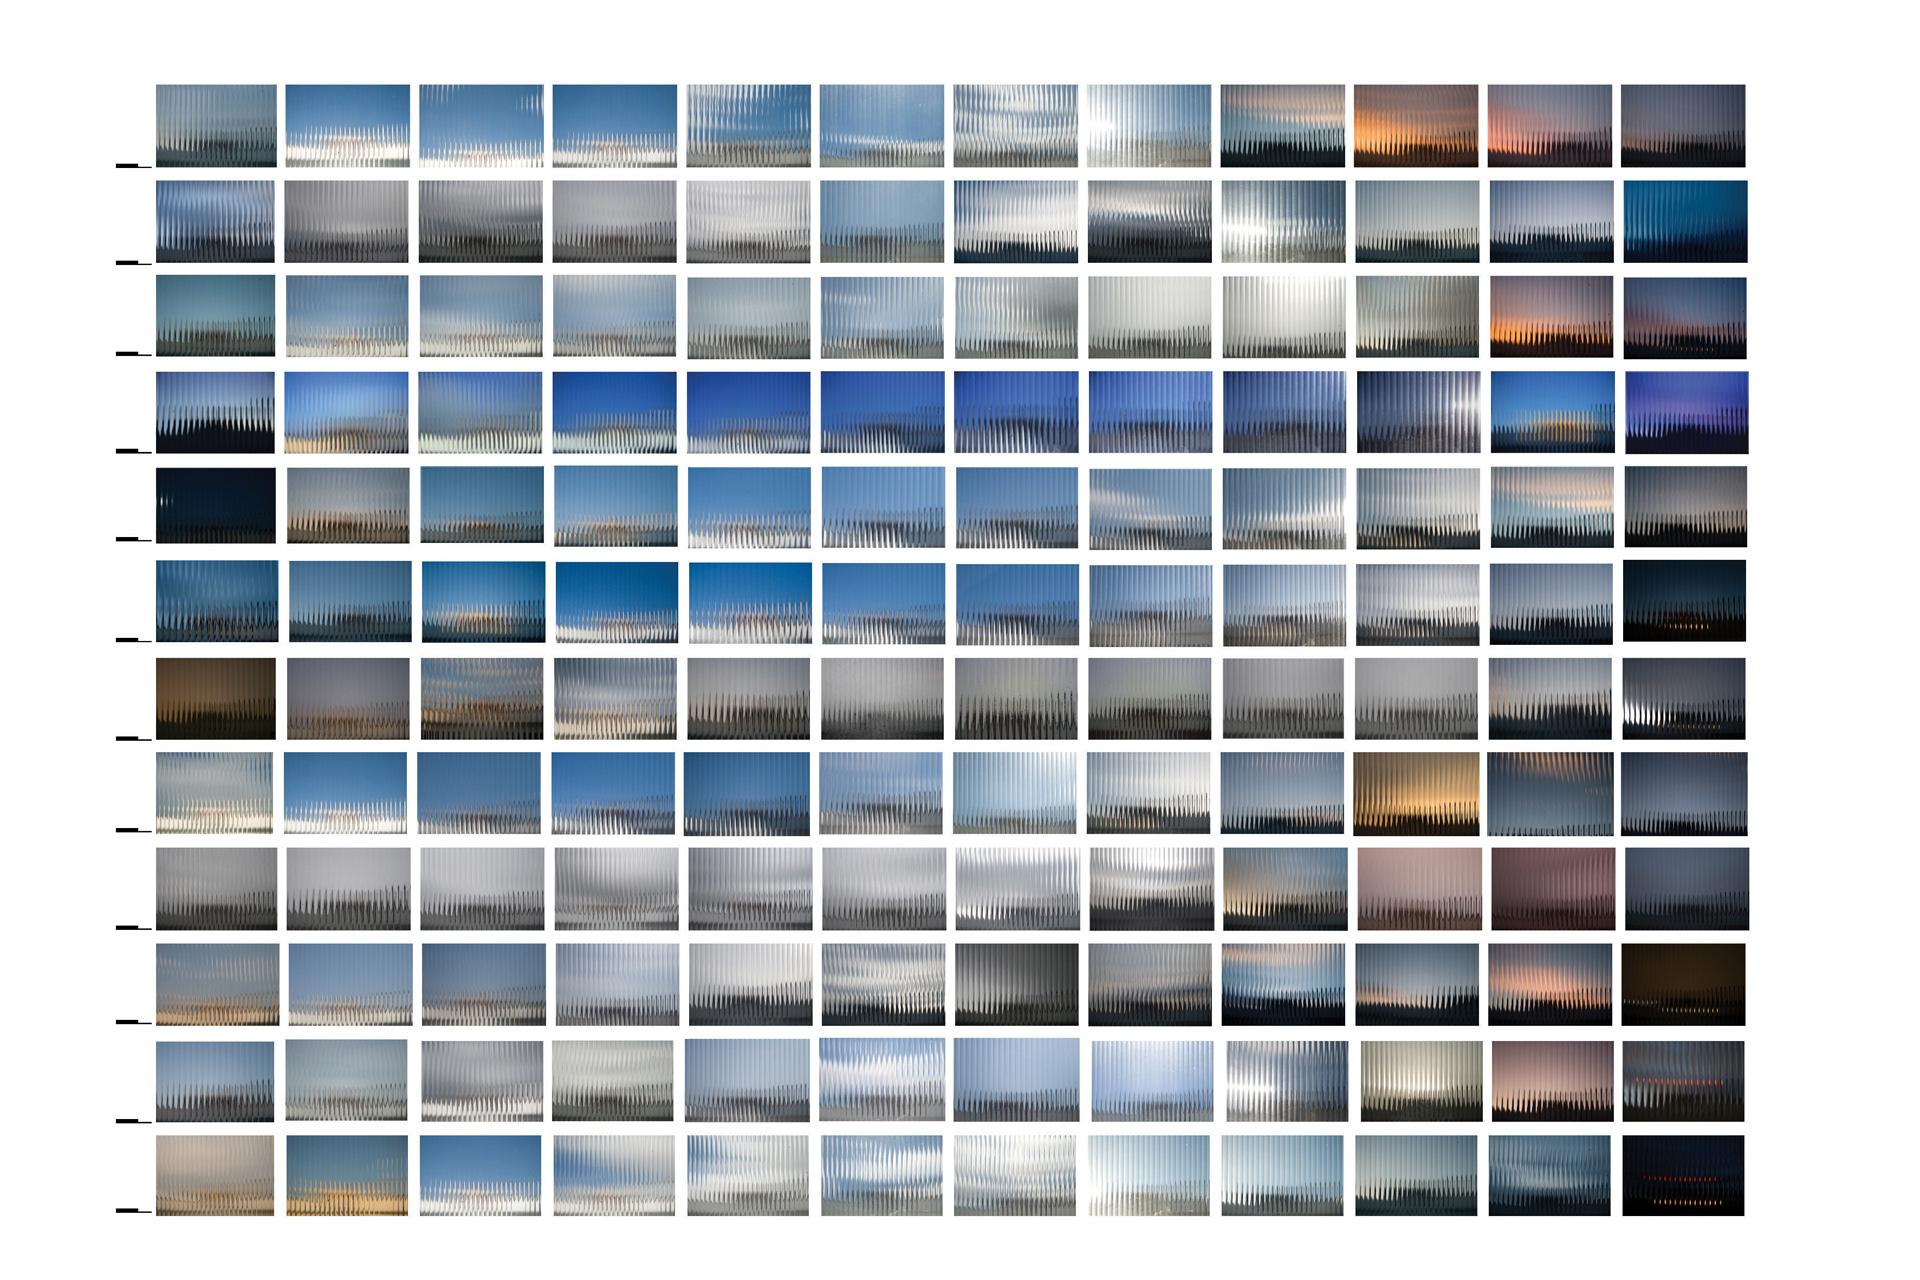 escala de cor do tempo - para o ano que passou